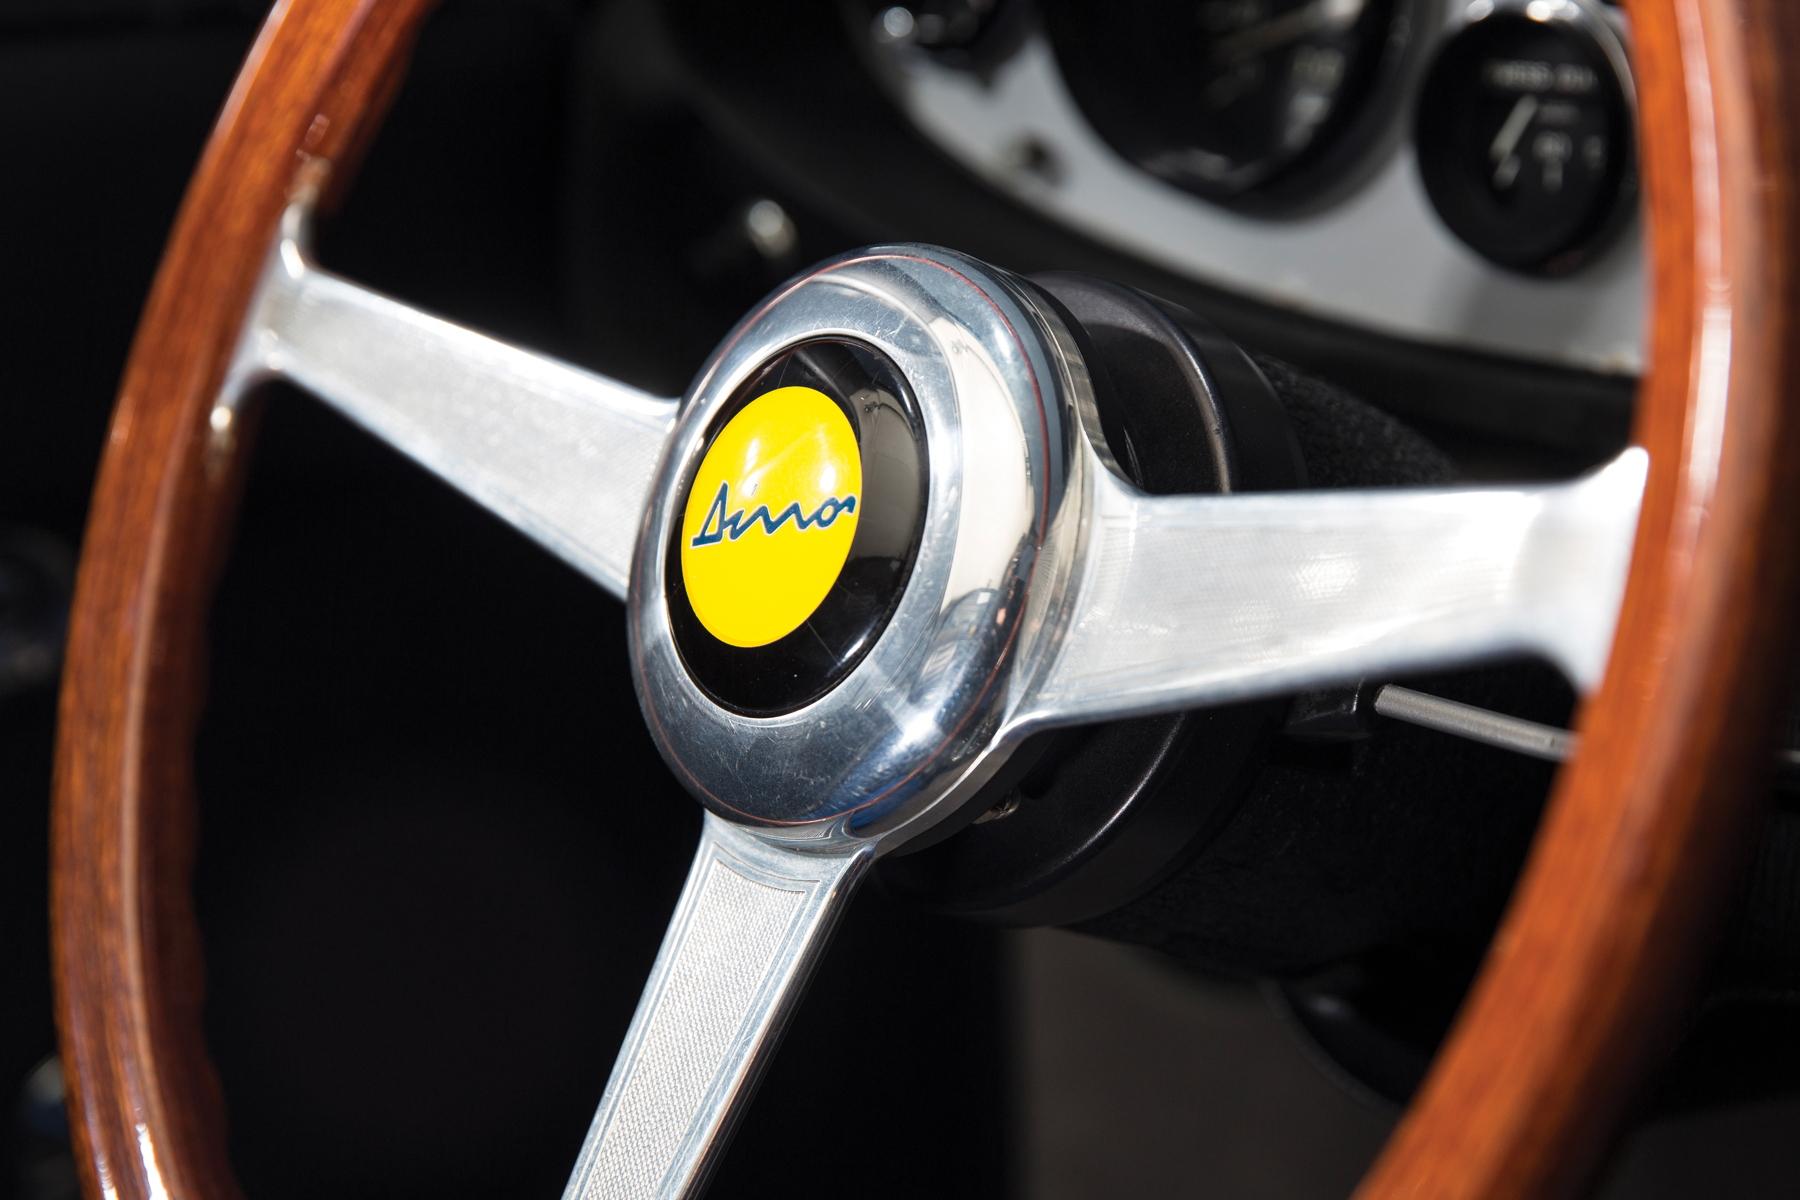 RM Sotheby's Retromobile - Ferrari Dino 206 GT steering wheel